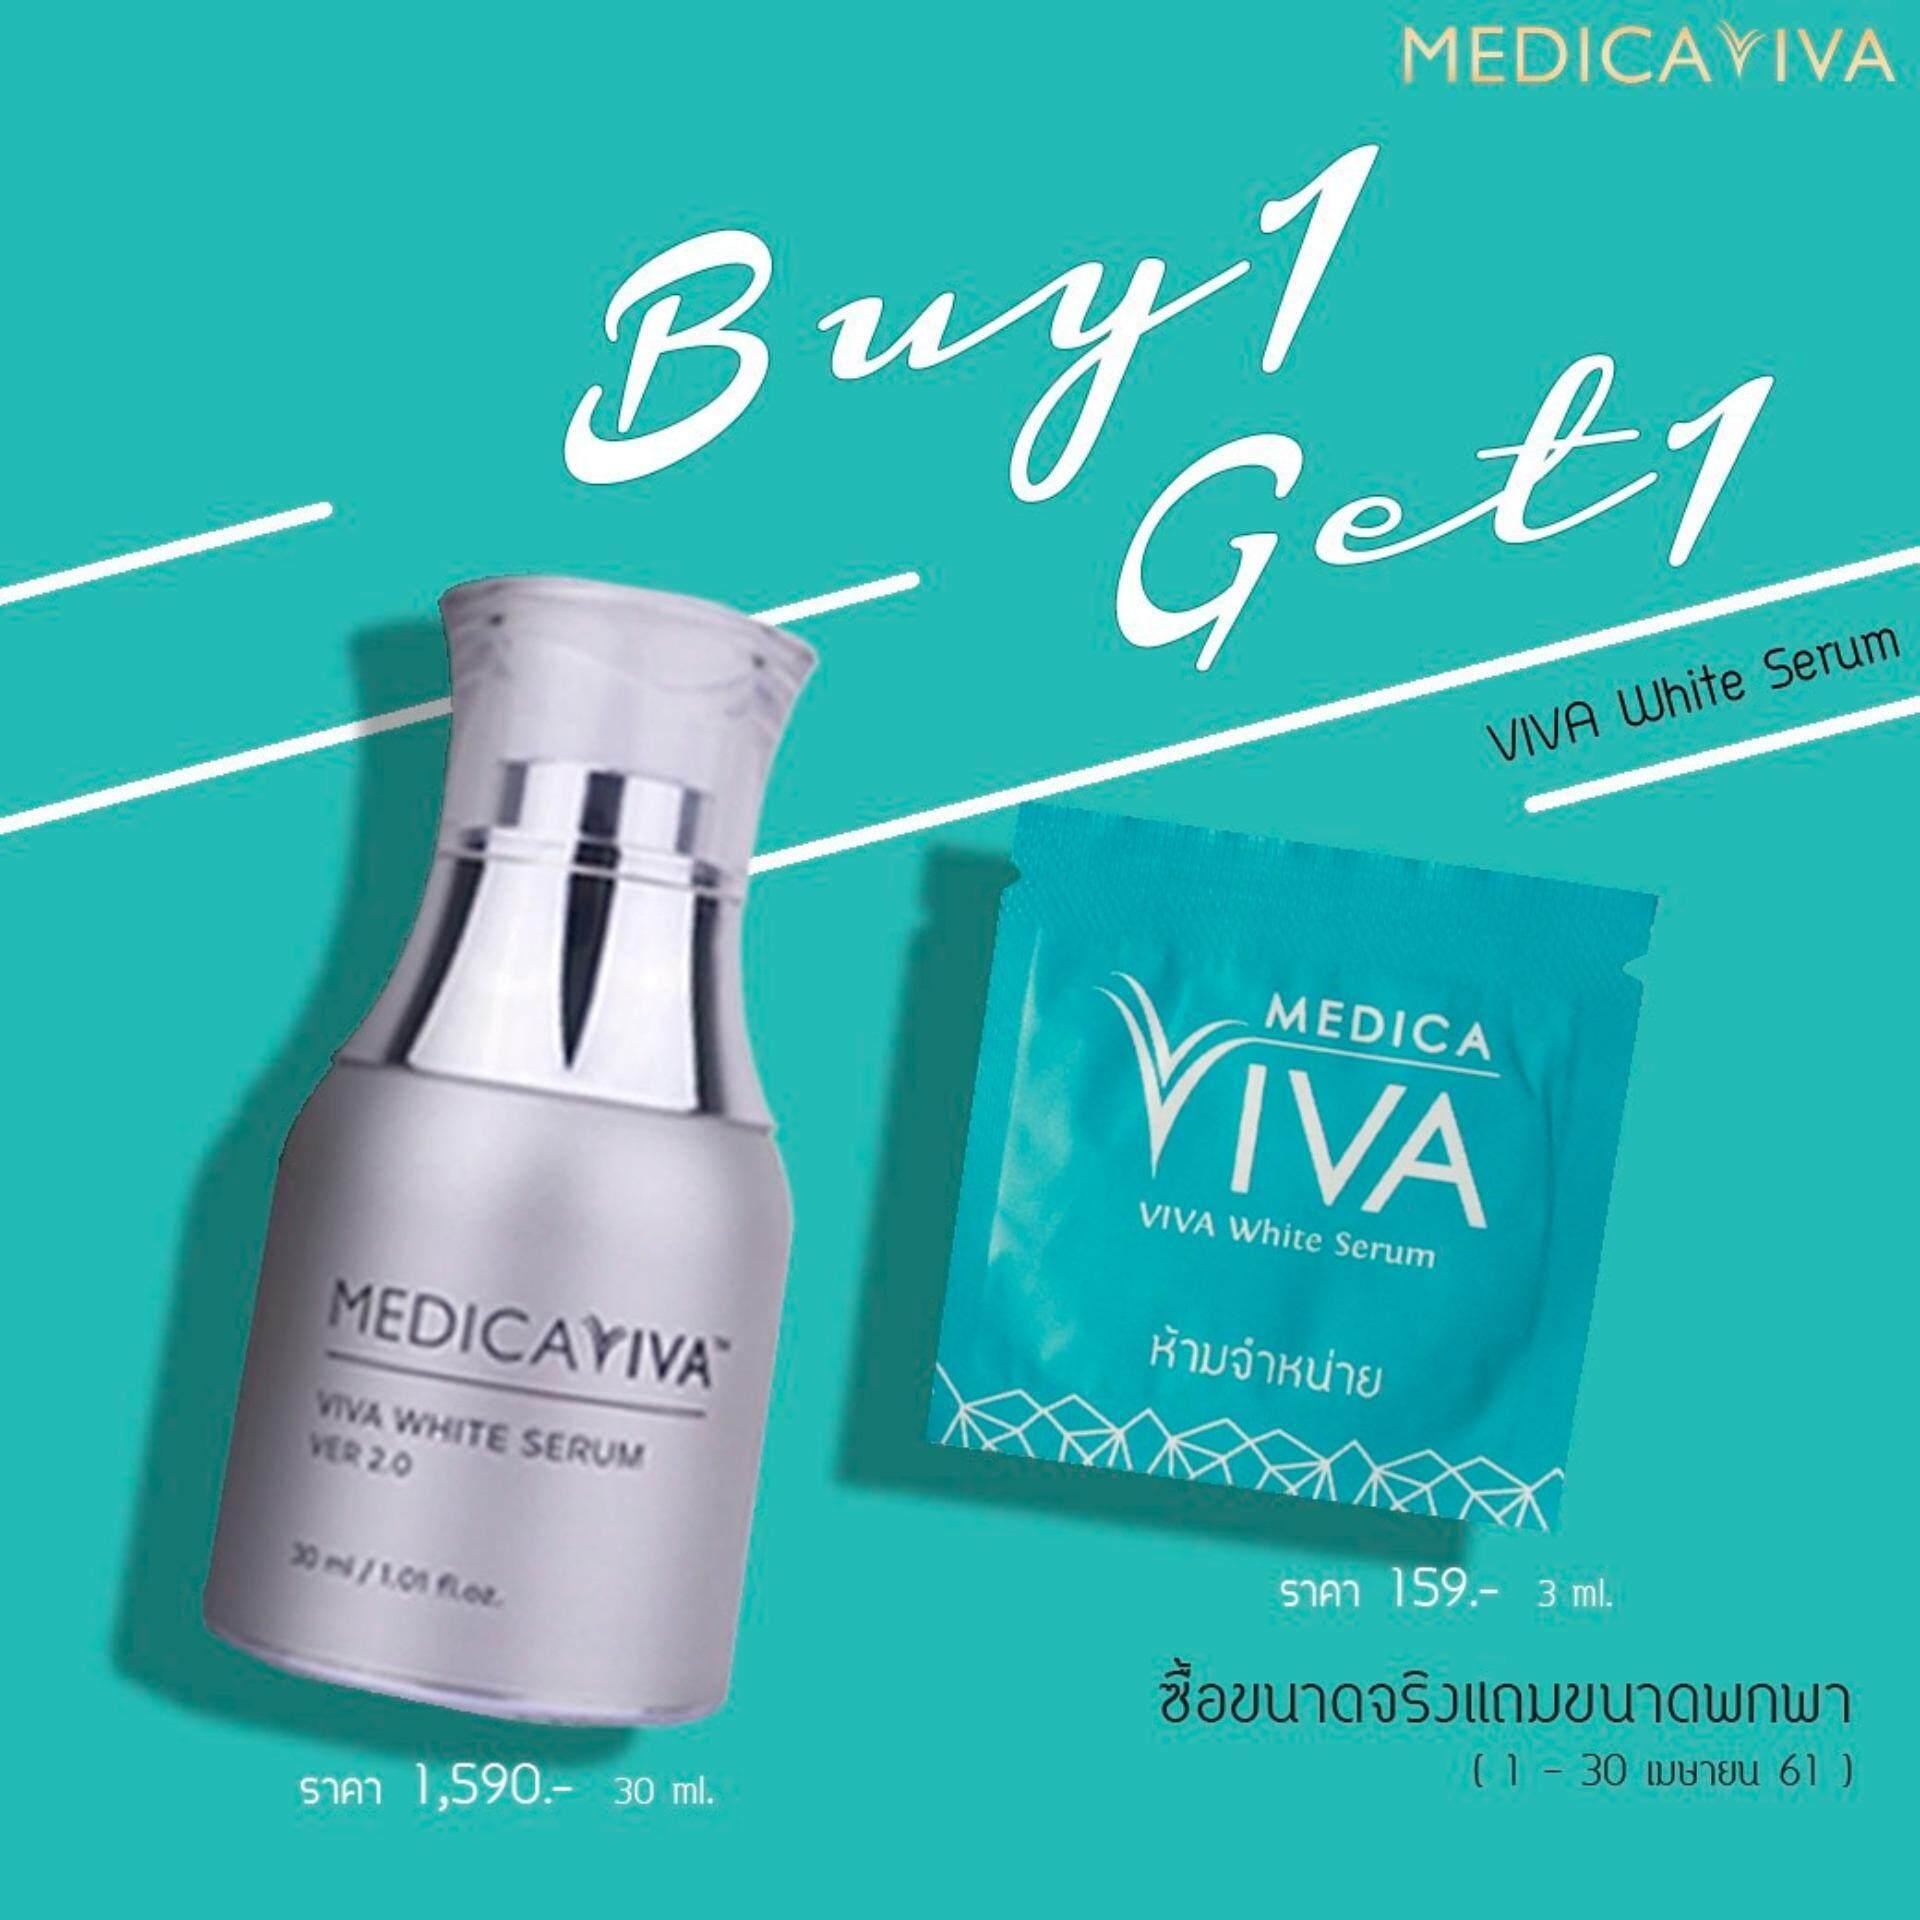 ขาย ซื้อ ออนไลน์ Medica Viva White Serum Version 2 เมดิก้า วิว่า ไวท์ เซรั่ม เวอร์ชั่น 2 30 Ml